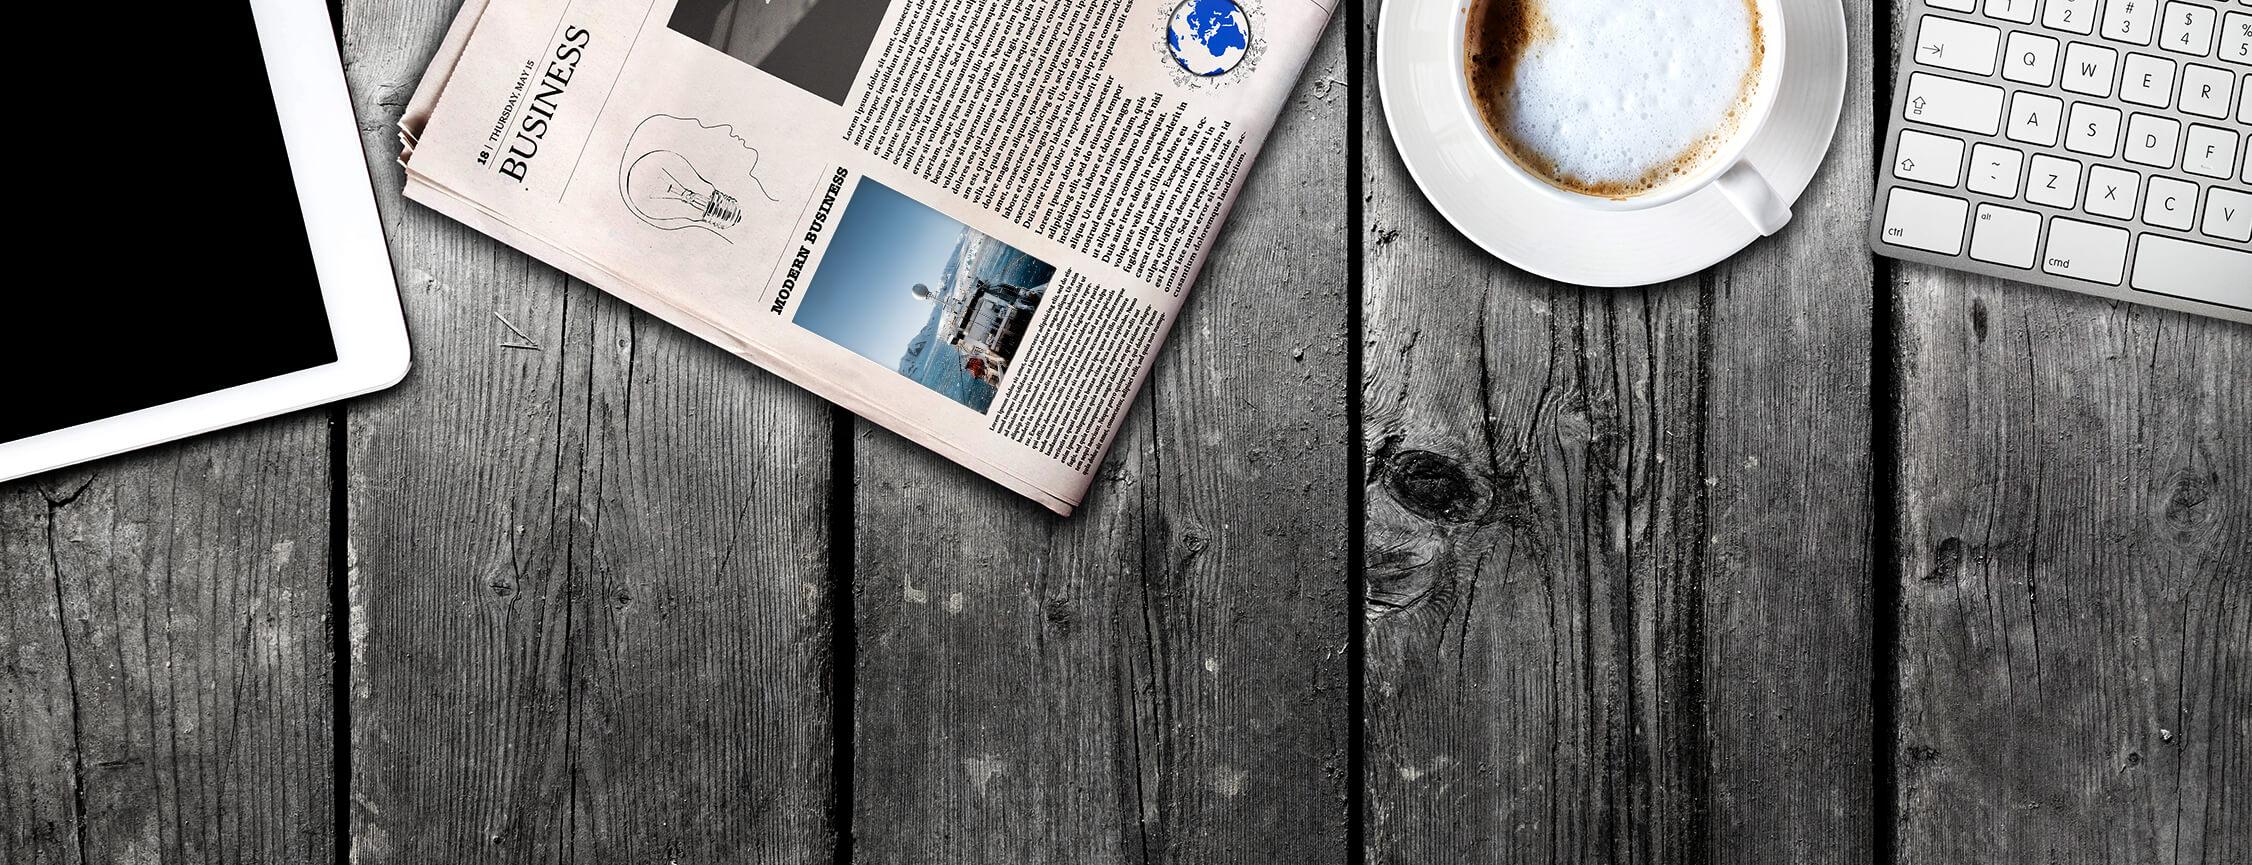 Press-releases-aker-biomarine-v2-1.jpg